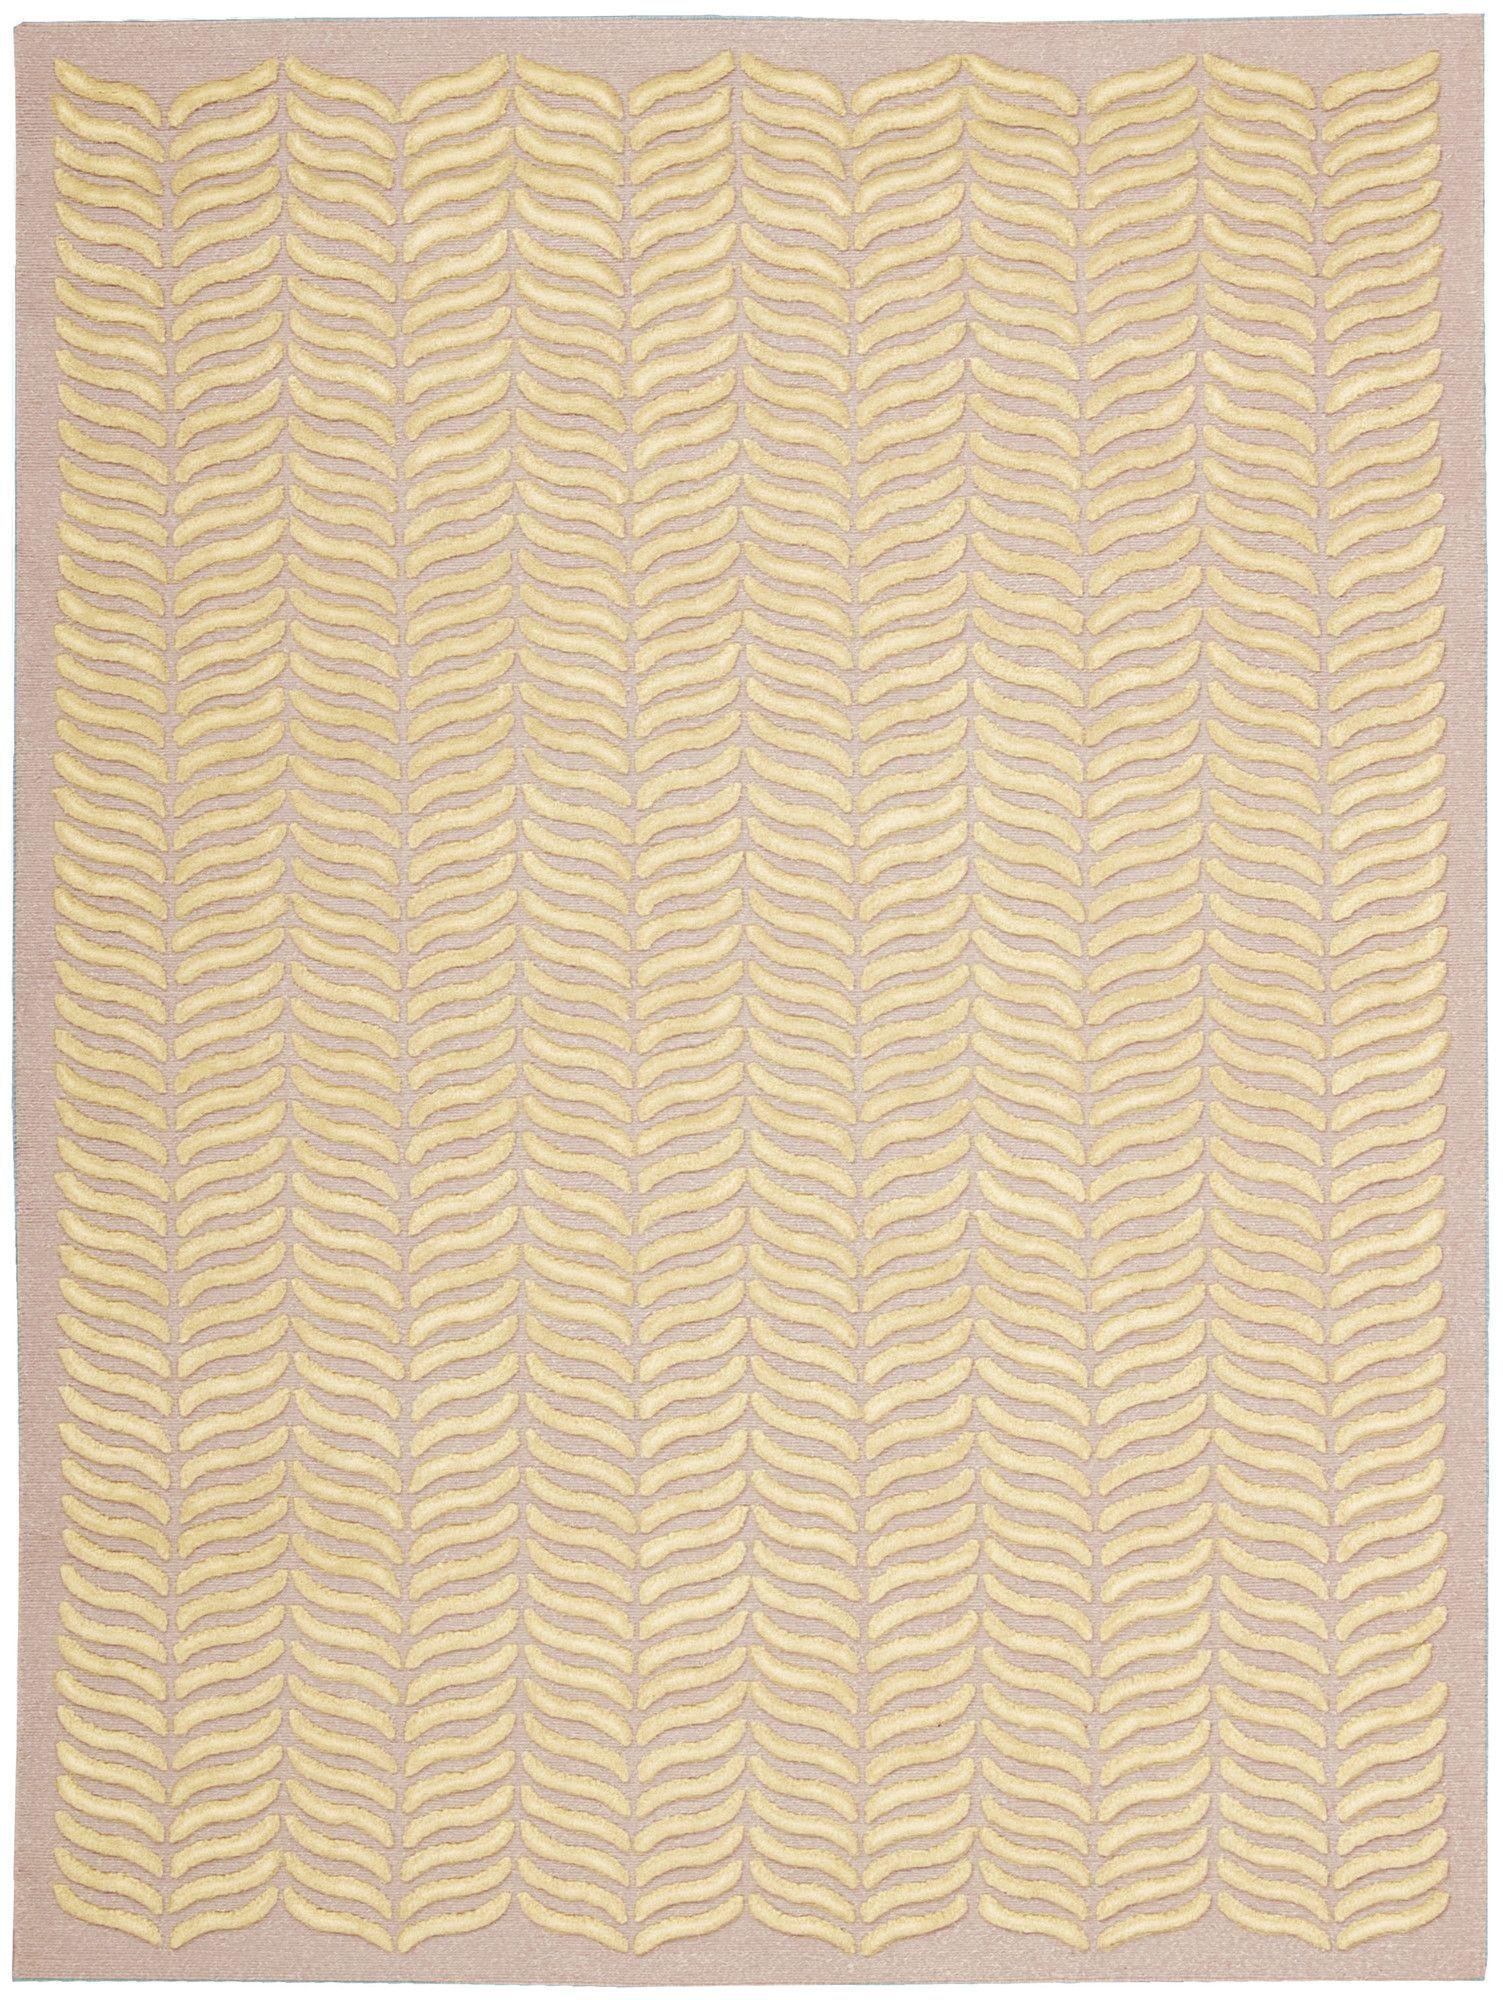 Silken Textures Blush Area Rug